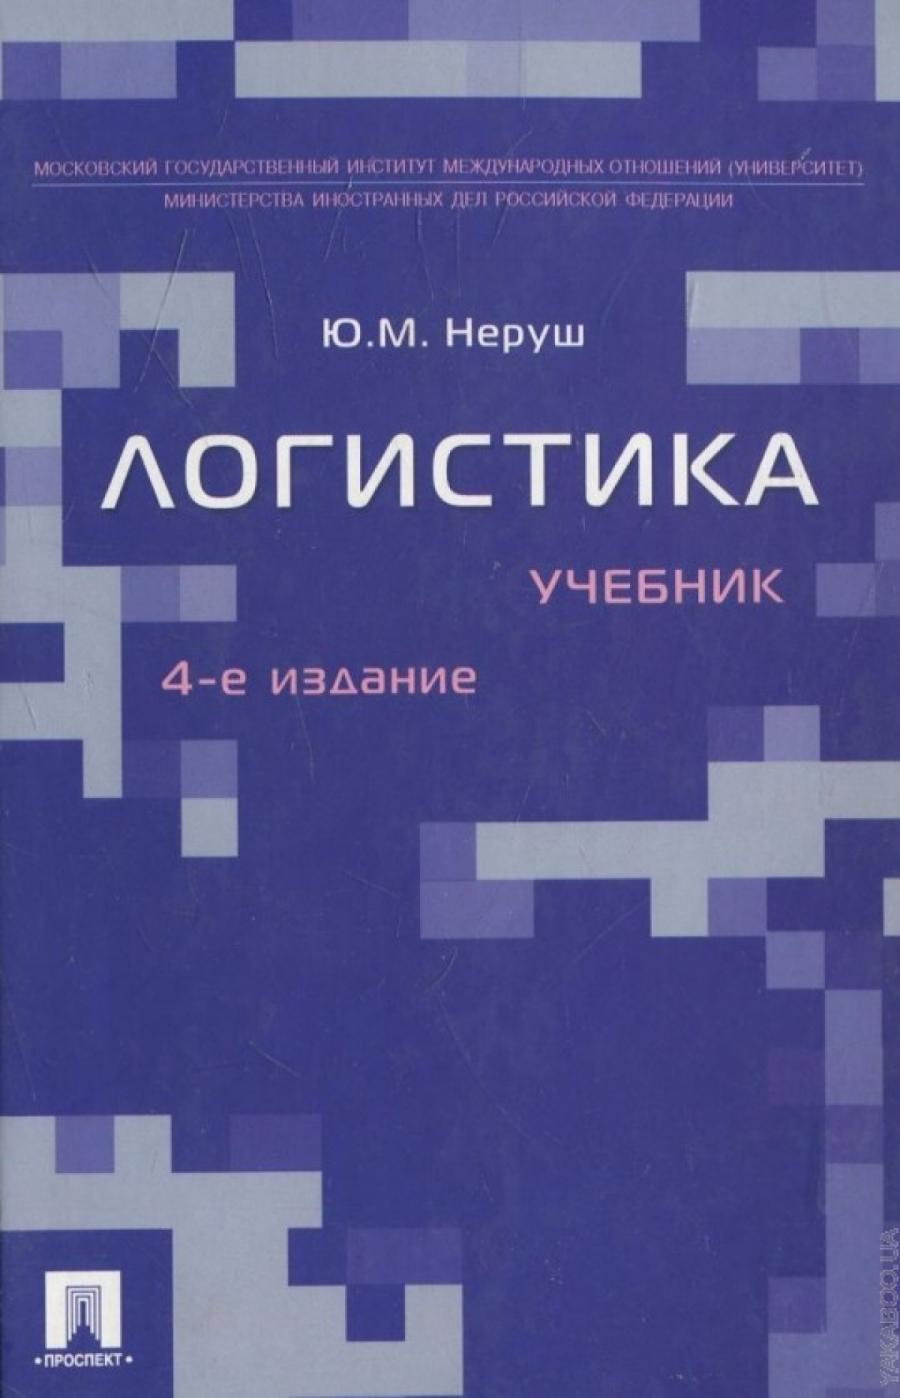 Обложка книги:  неруш ю.м. - логистика